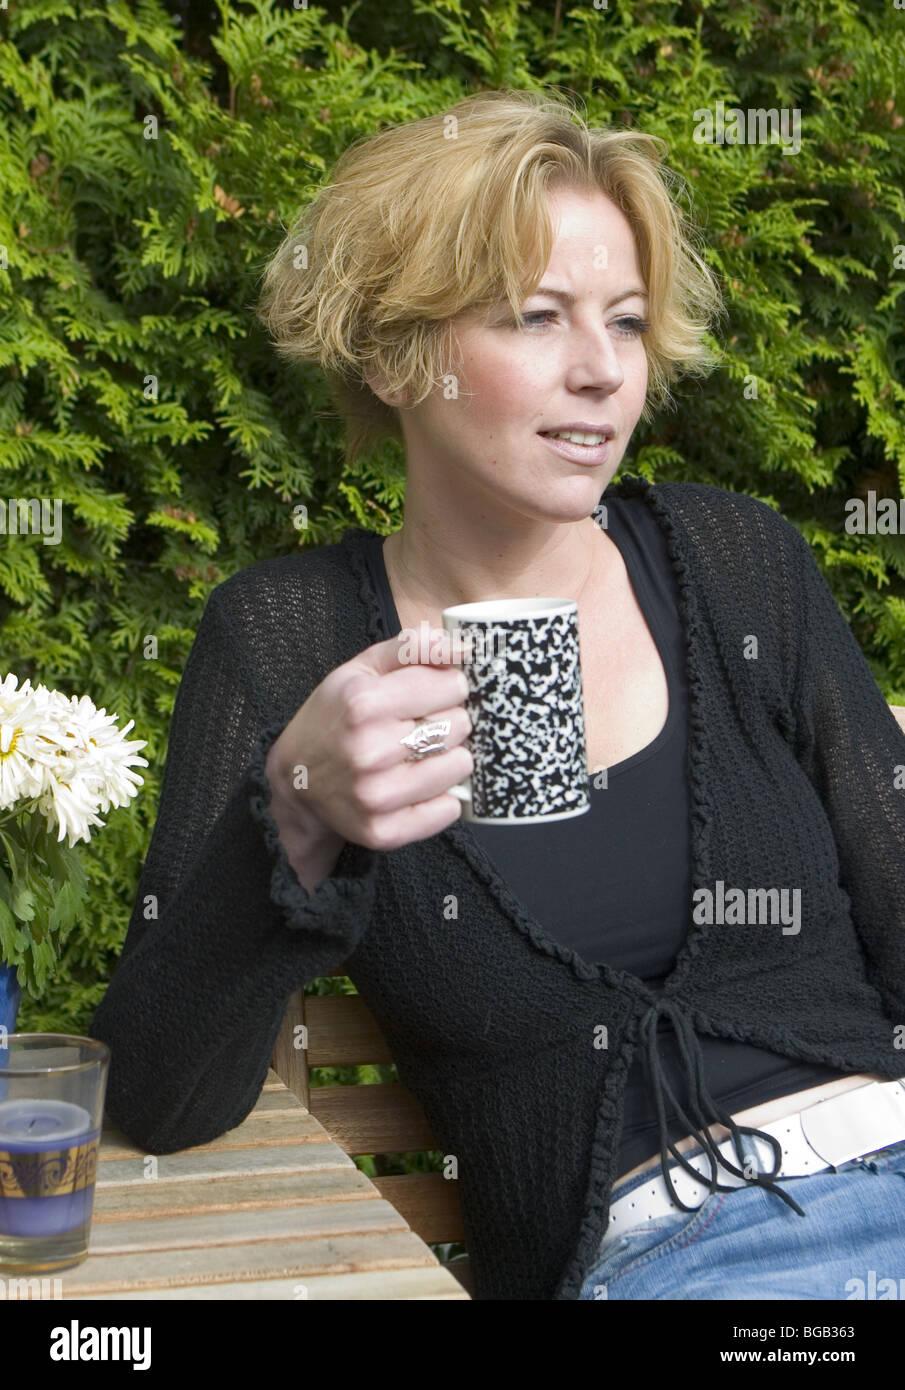 Erwachsene Frau Trinken Kaffee Oder Tee Im Garten Stockfoto Bild